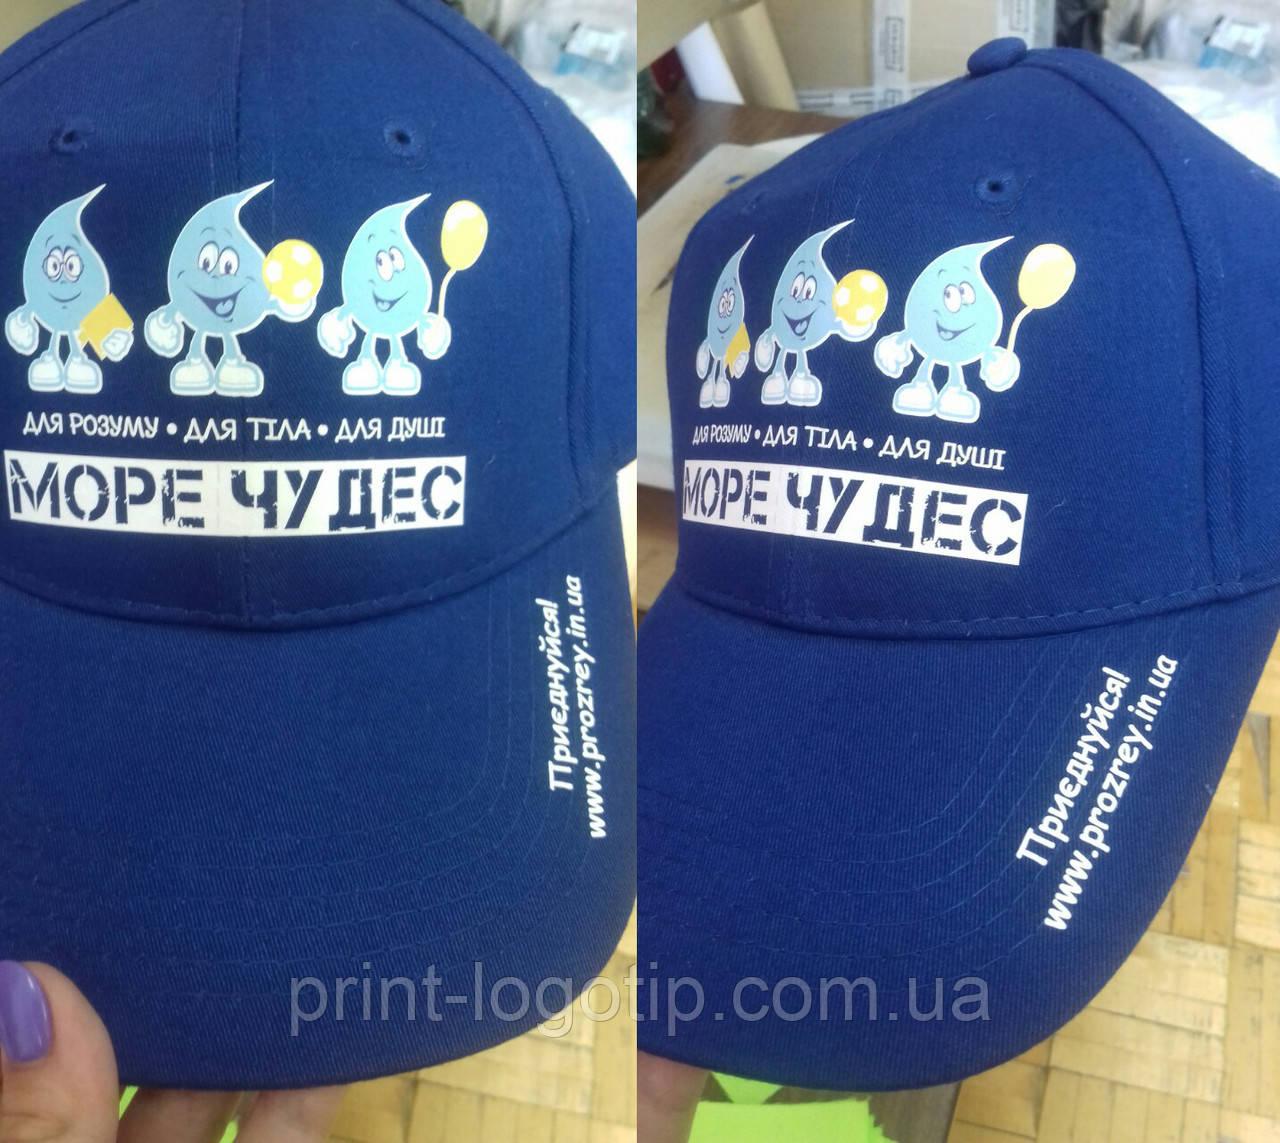 Нанесение логотипа на кепки в Киеве